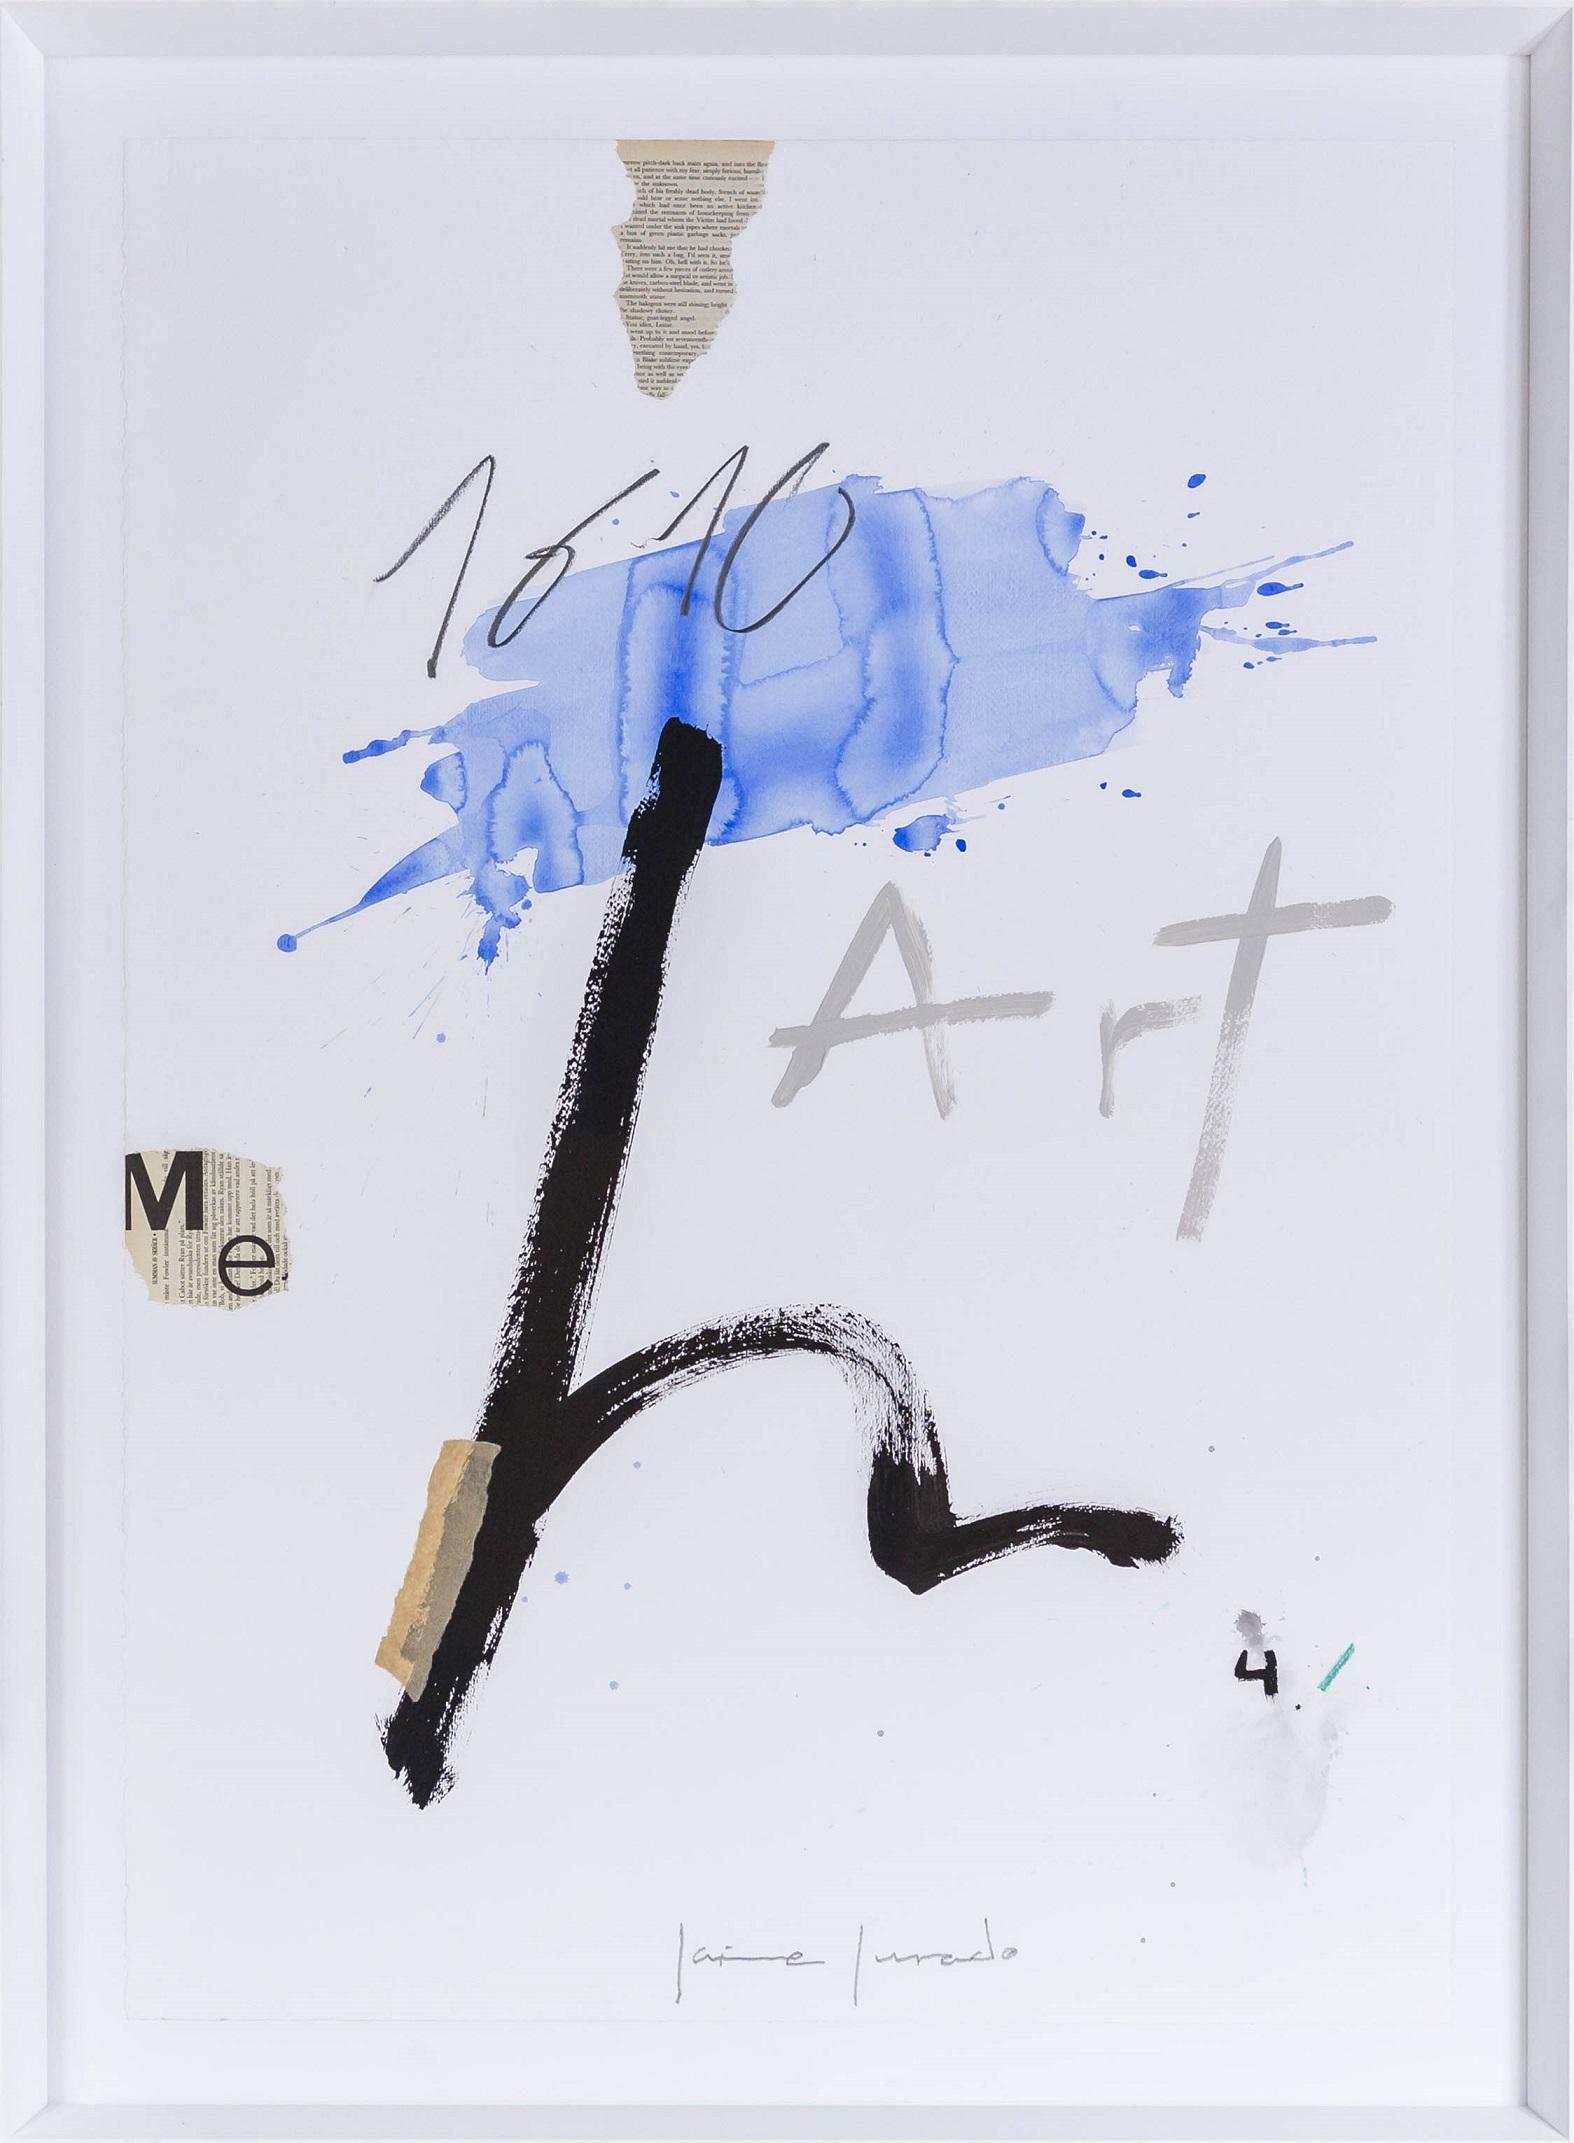 באדיבות סטודיו יפרח בן צבי -יצירת אמנות של גלריית נובוקואדרו הספרדית החל מ-2900 שח קרדיט נובוקואדרו ספרד